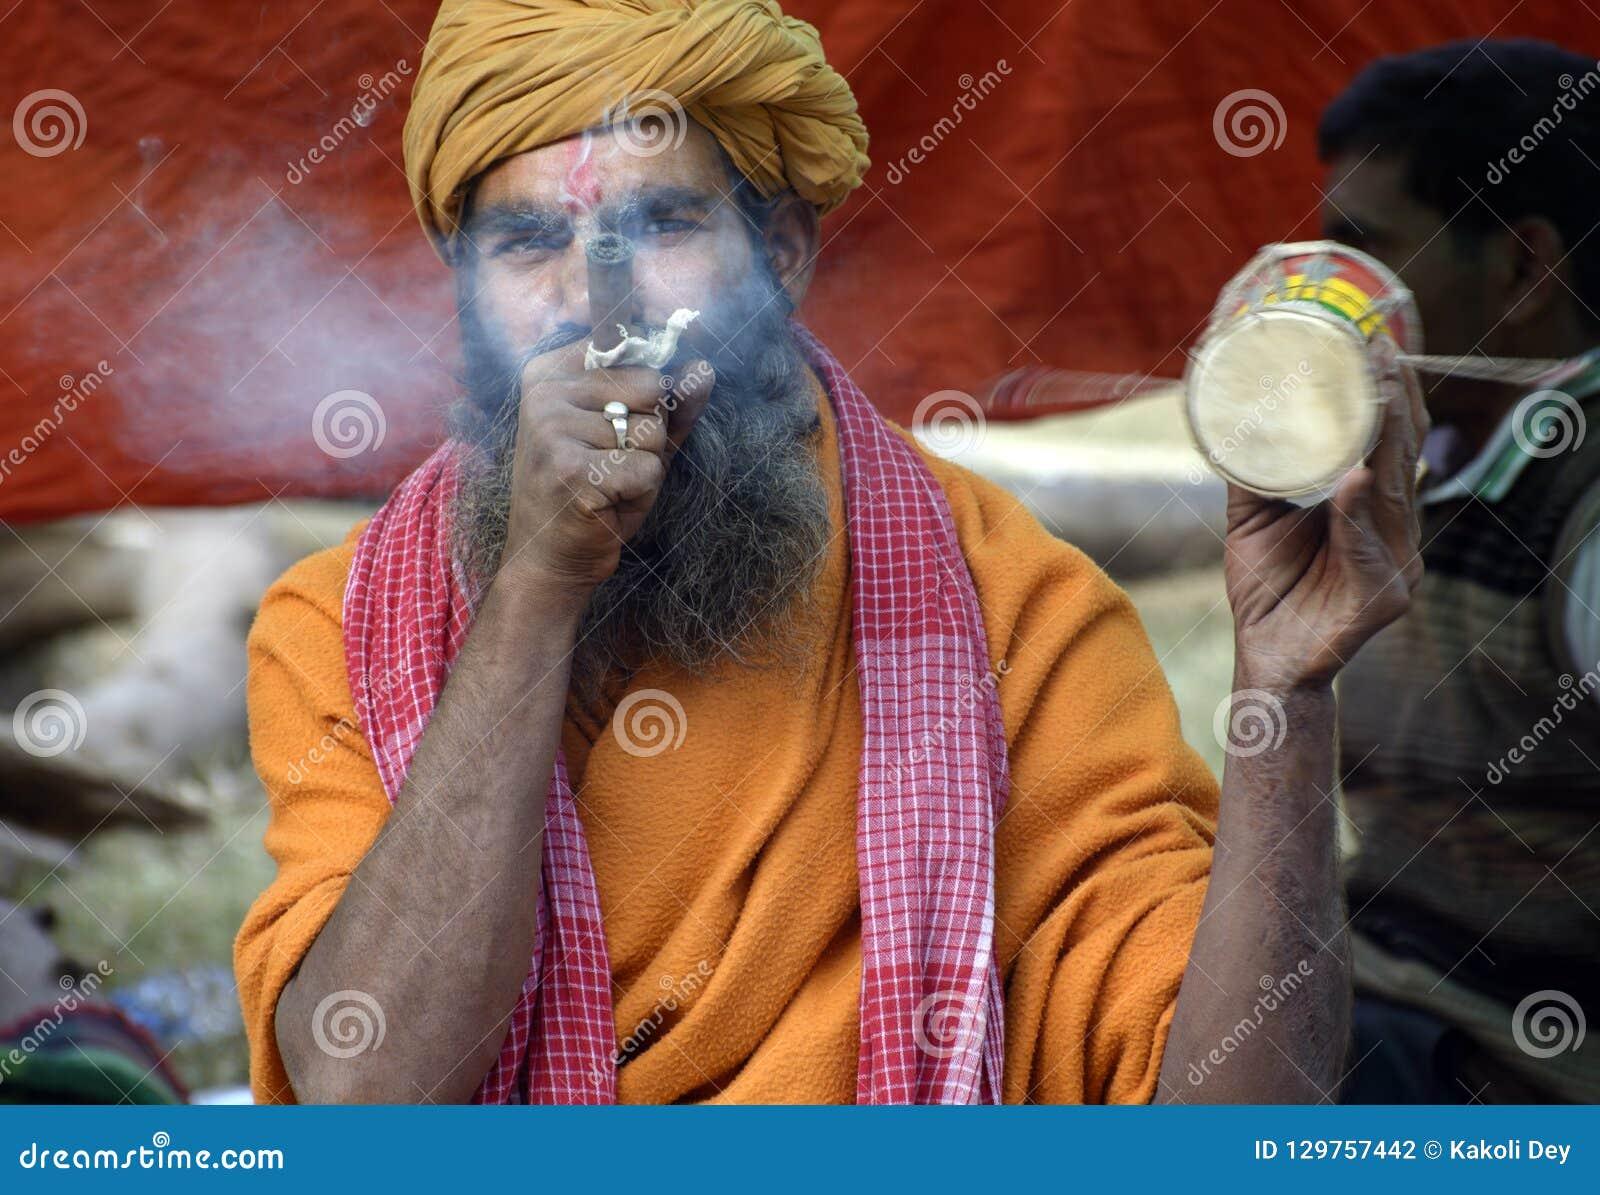 Ganga Sagar Mela Or Fair Is Where Lot Of Sadhus From